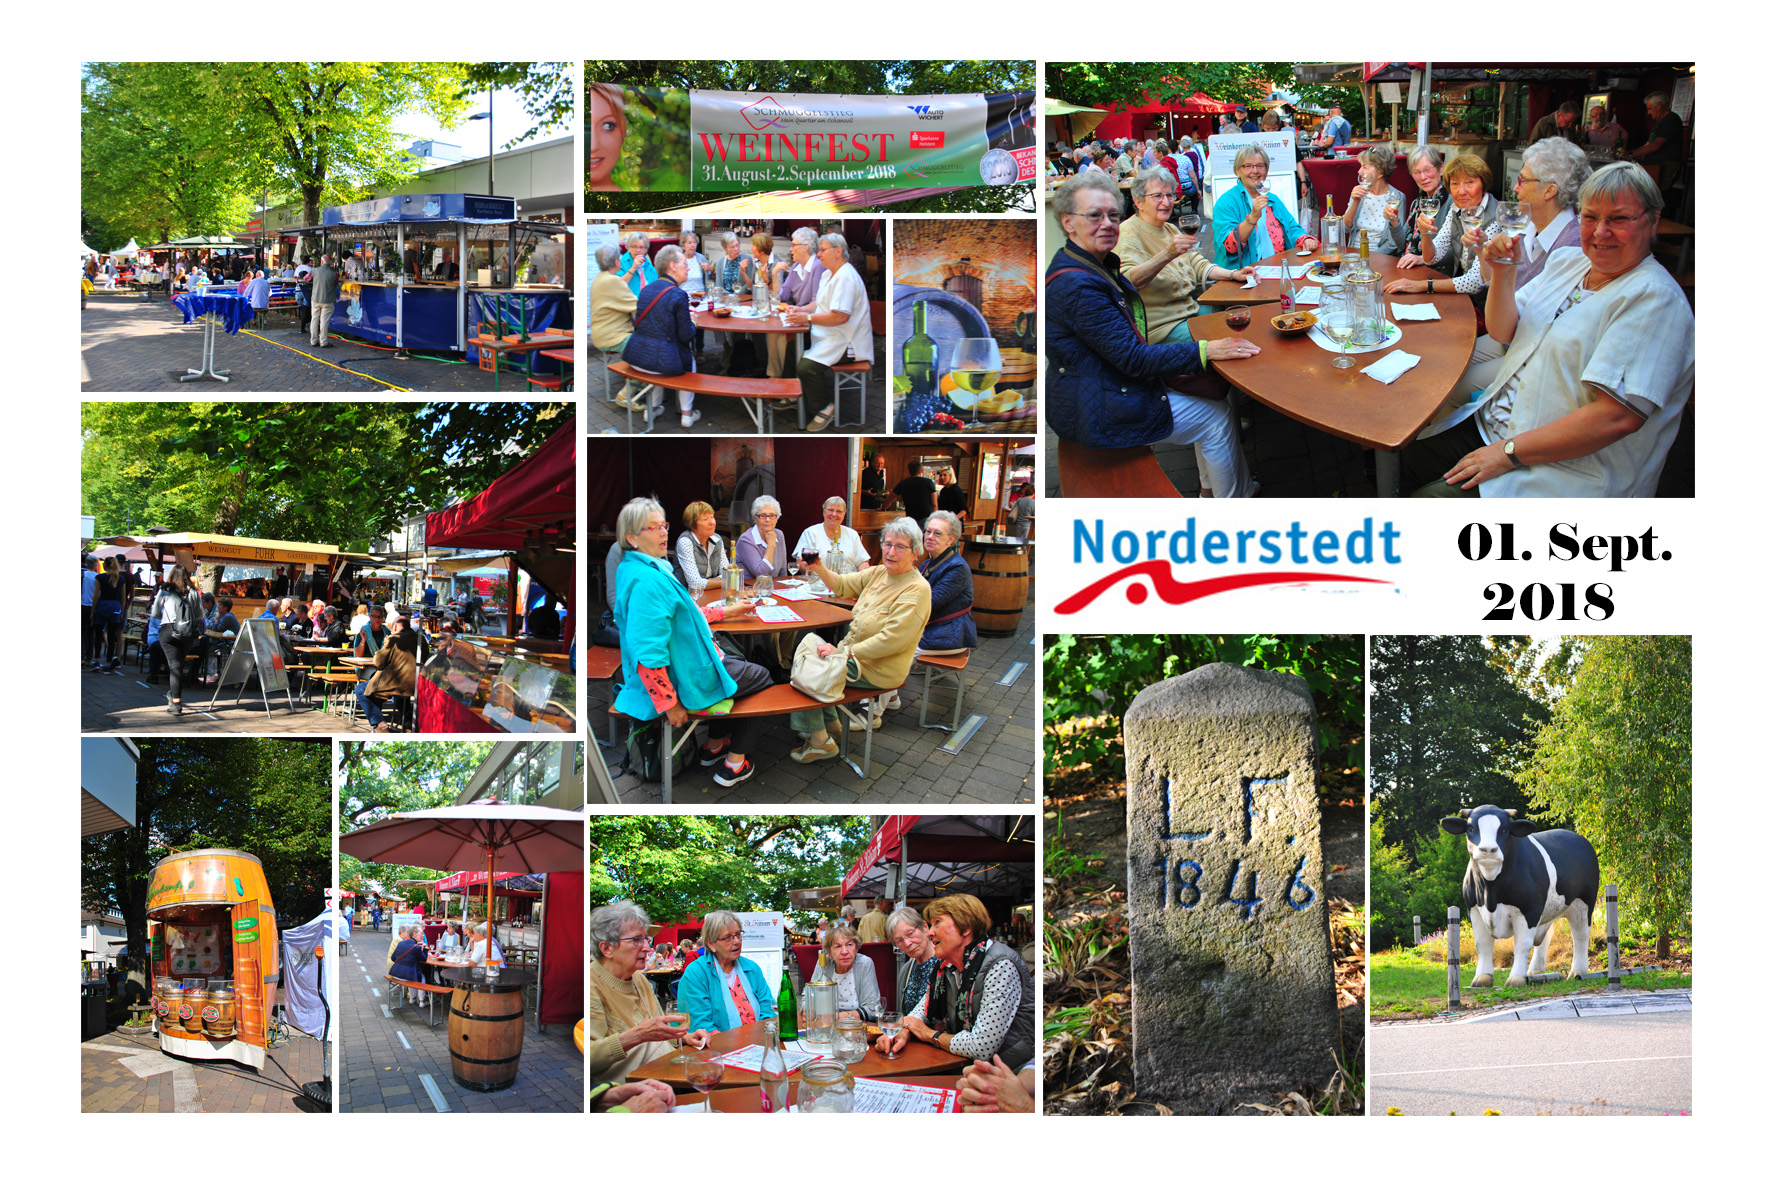 NeNo/Glashütte 2: Weinfest am Schmuggelstieg, 01.09.2018 (Fotos: Tom)